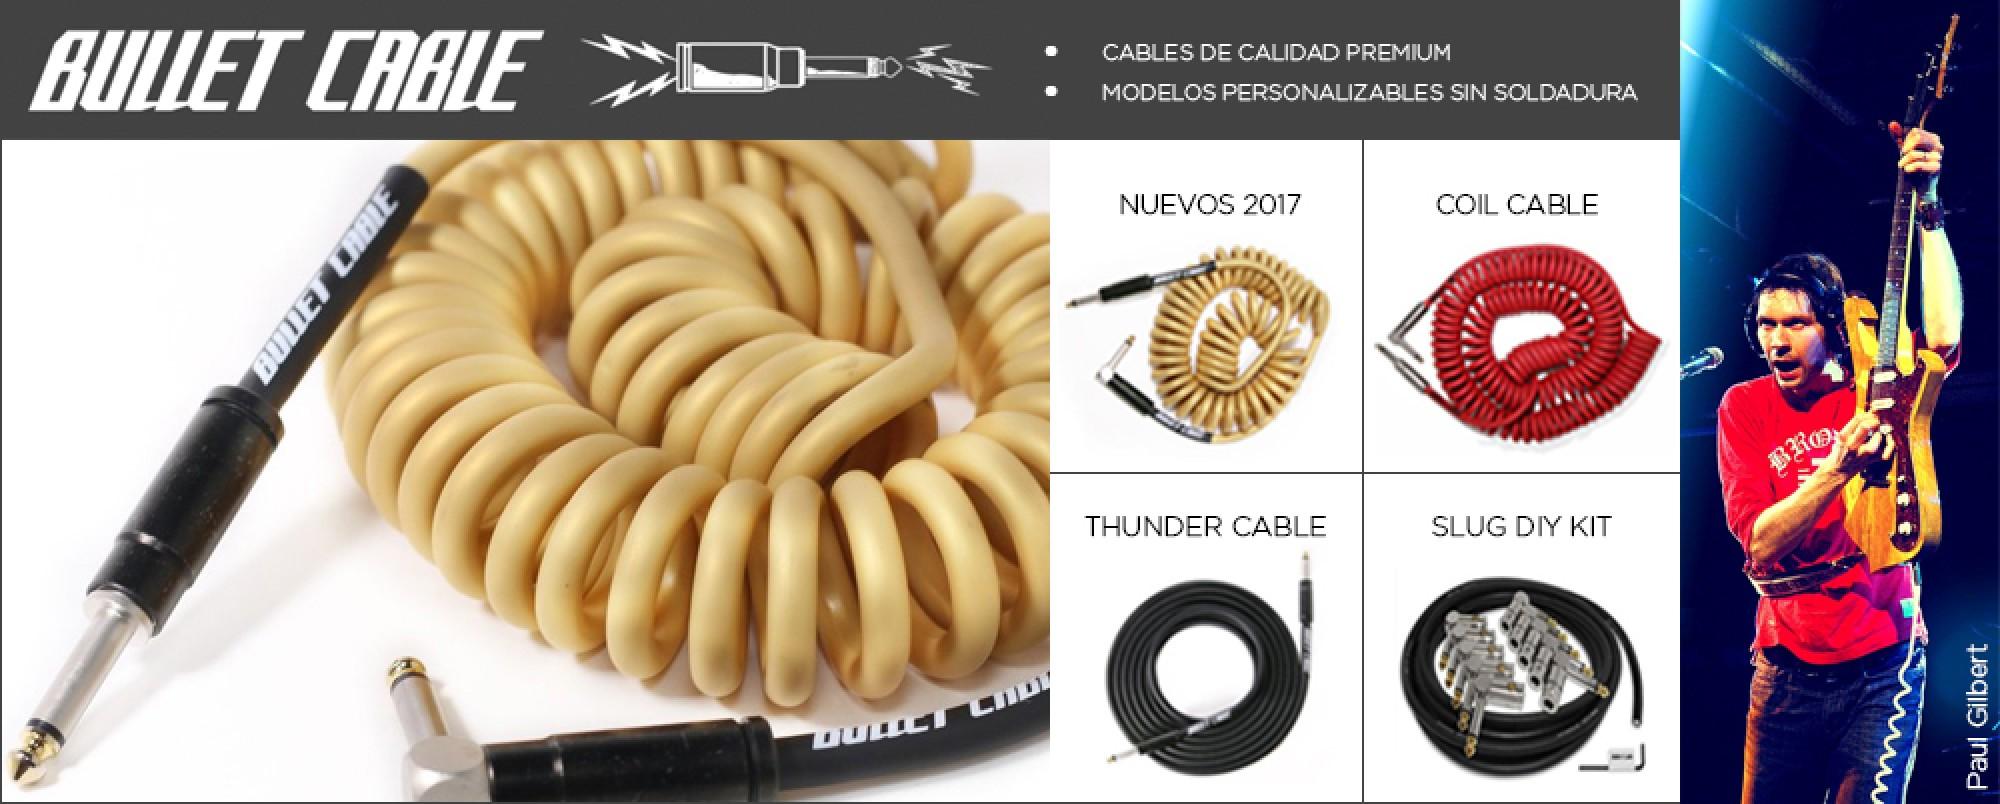 597-Calidad-Premium-en-Cables-para-instrumentos-1w7sb.jpg